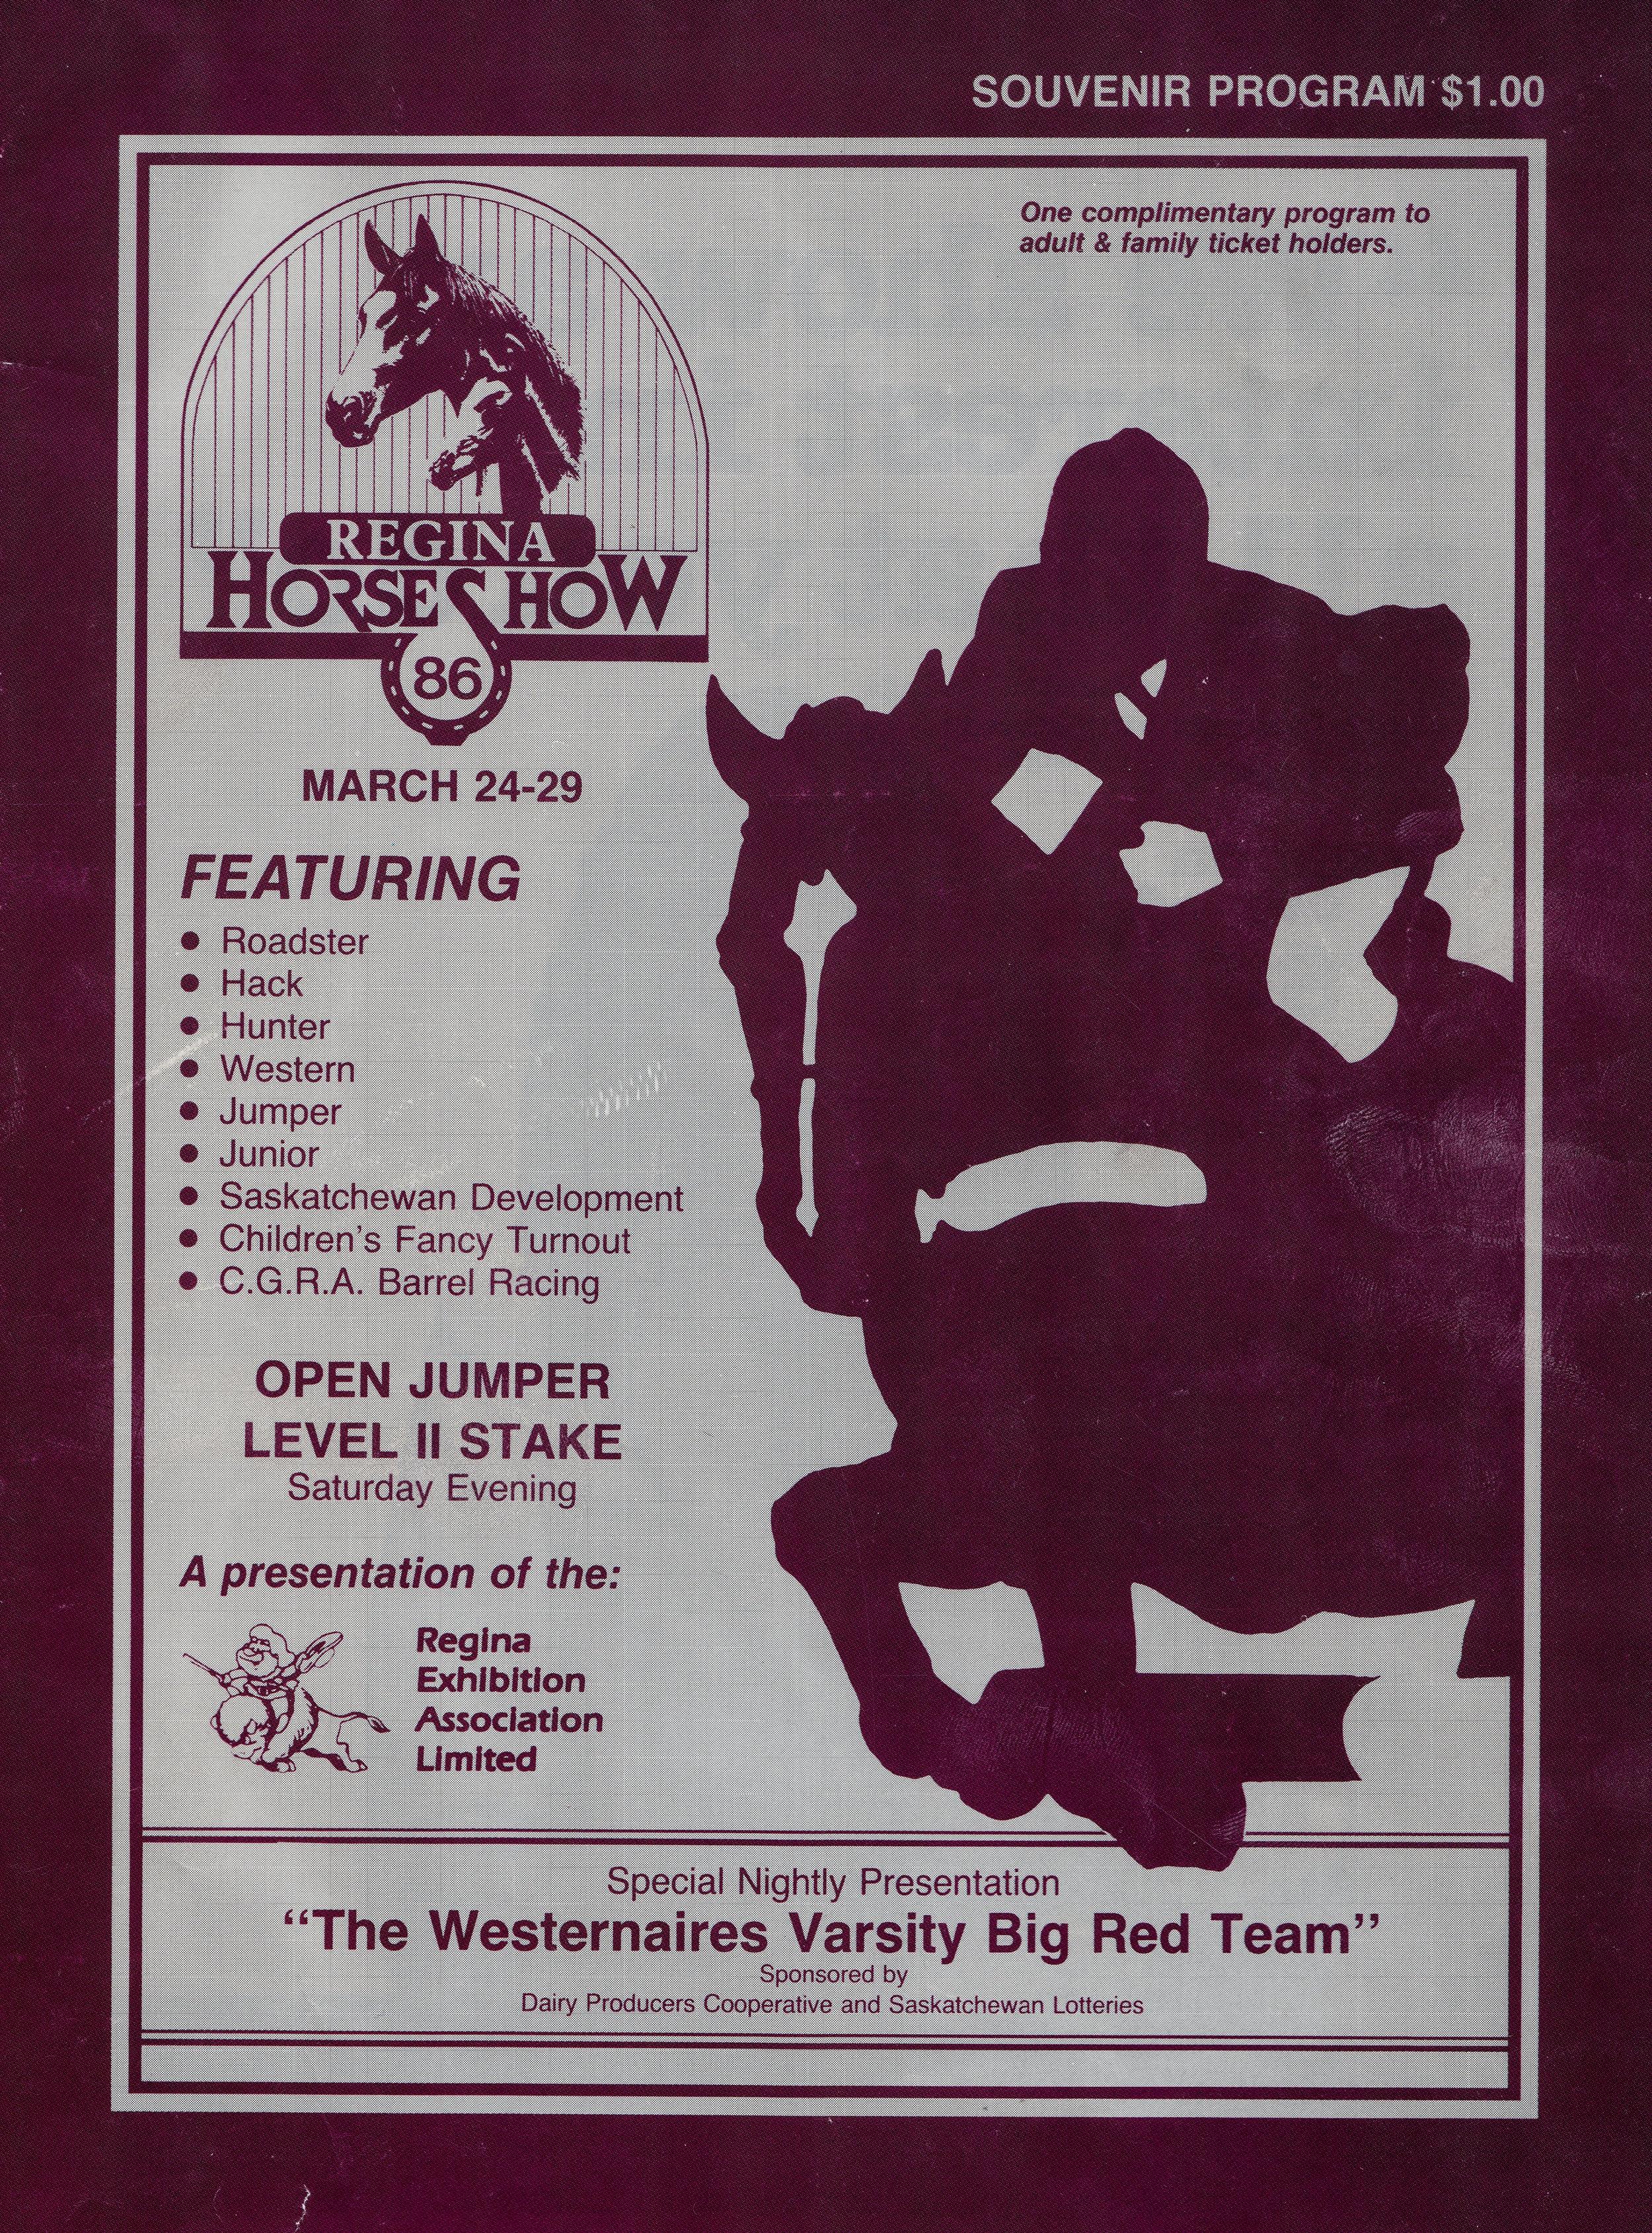 The 1986 Regina Horse Show program cover